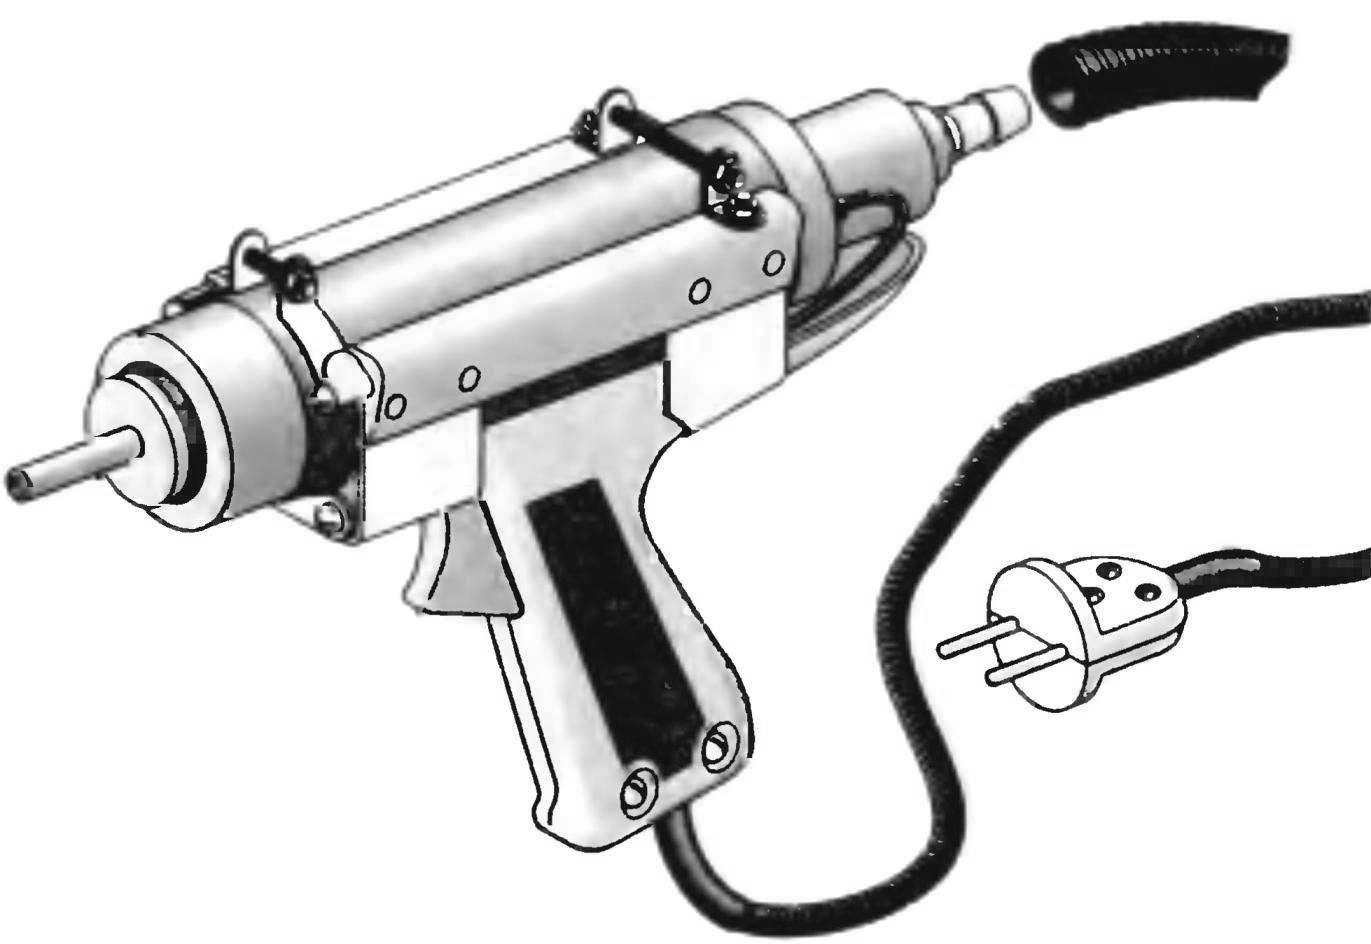 Простой контроллер для термофена - в домашнюю мастерскую - практика - в помощь радиолюбителю